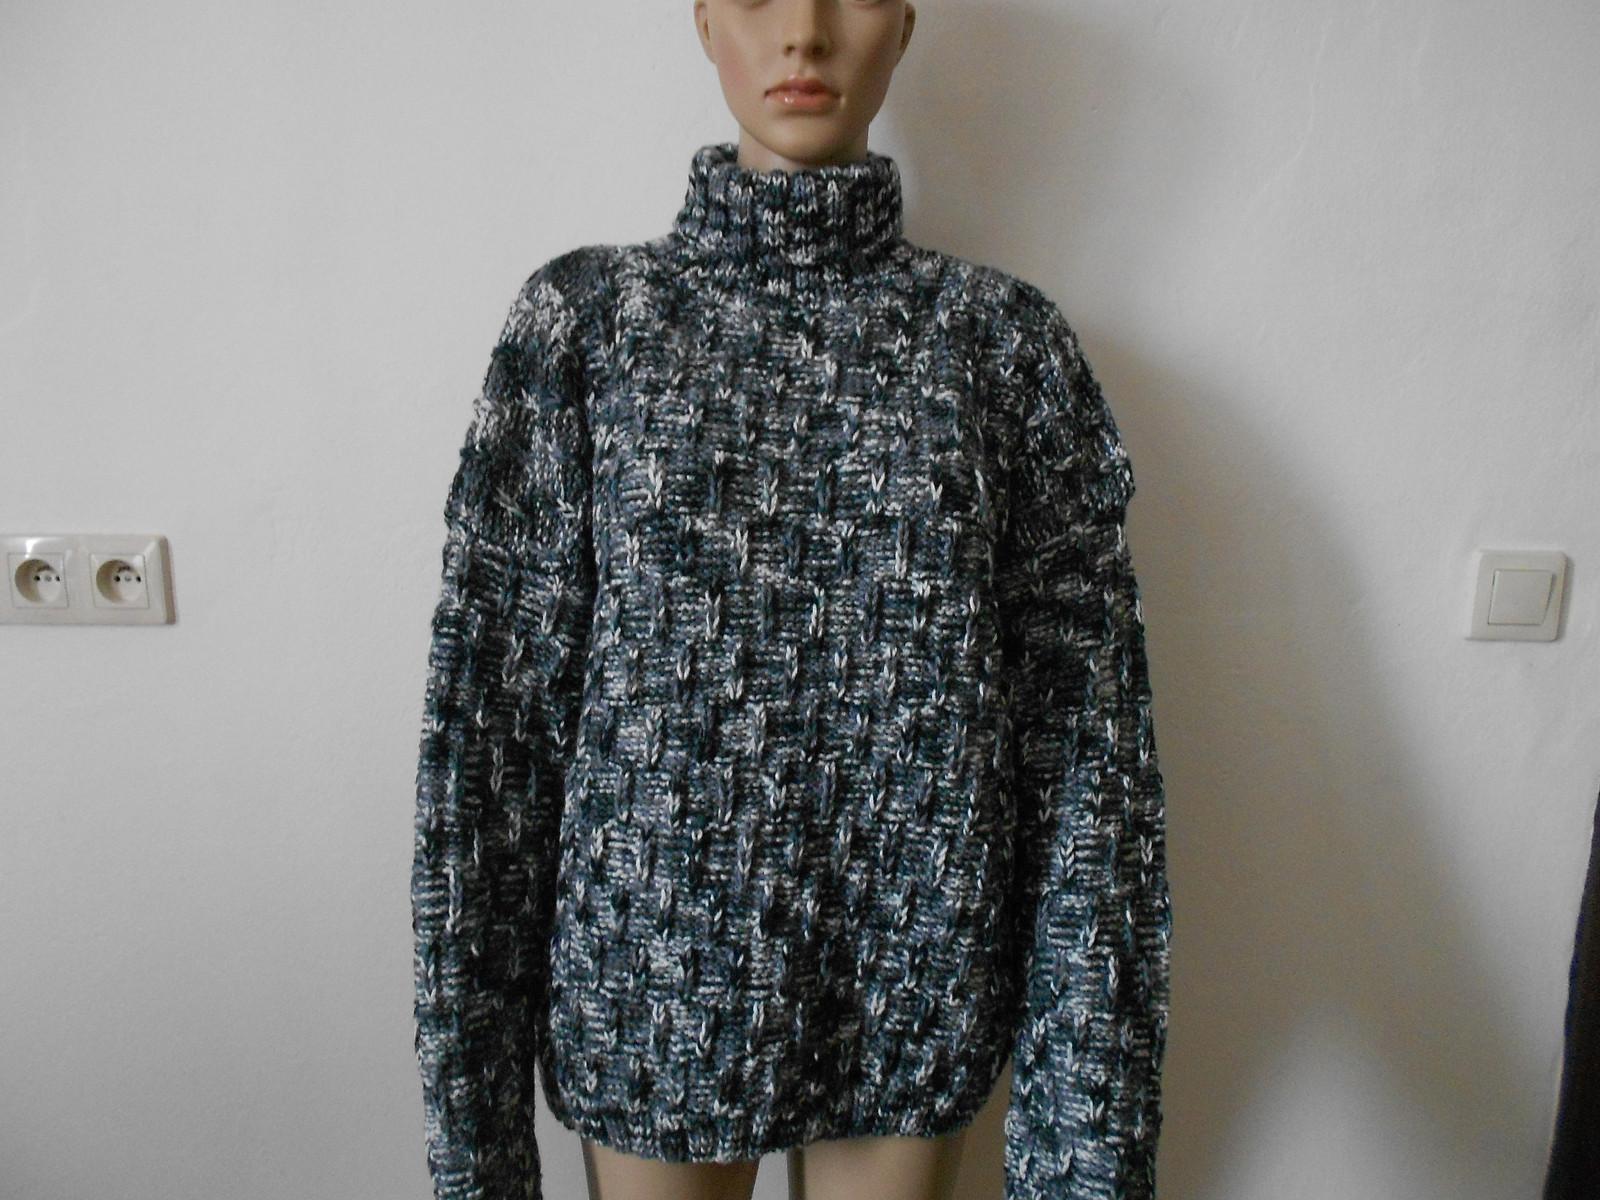 Velký pánský svetr - rolák s vlnou sleva 50%   Zboží prodejce mi-pi ... c007b60d29